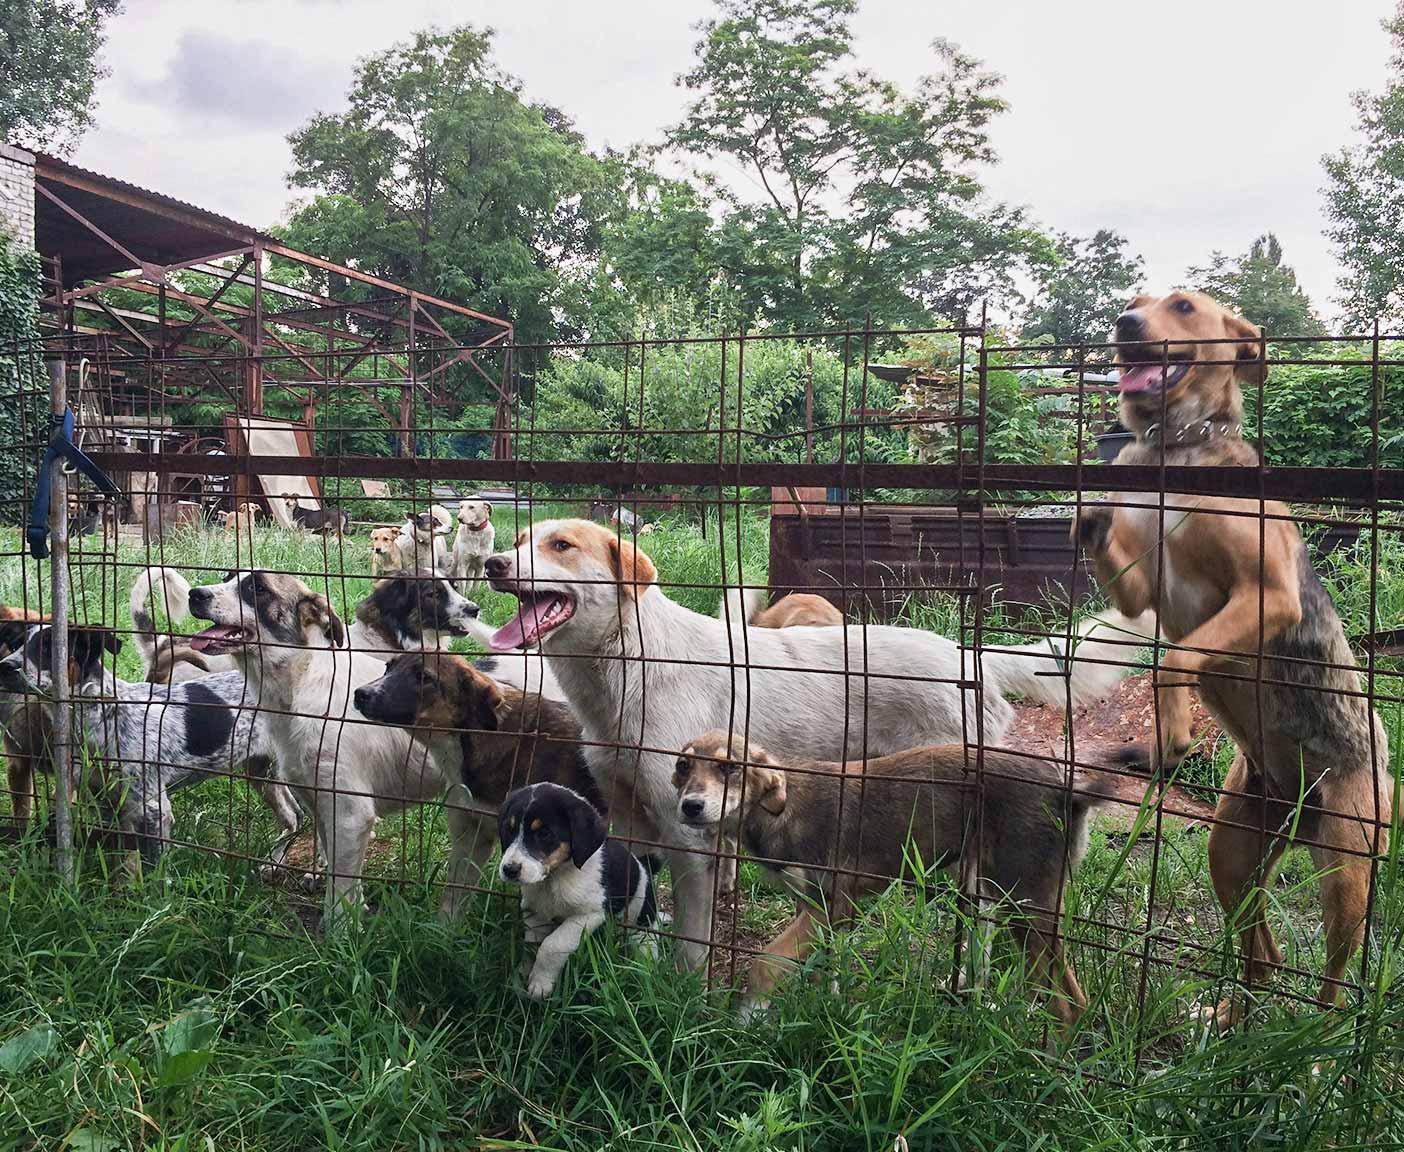 russische-hunde-straßenhunde-tierheim-adoption-vermittlung-von-haustieren-hilfe-spenden-14